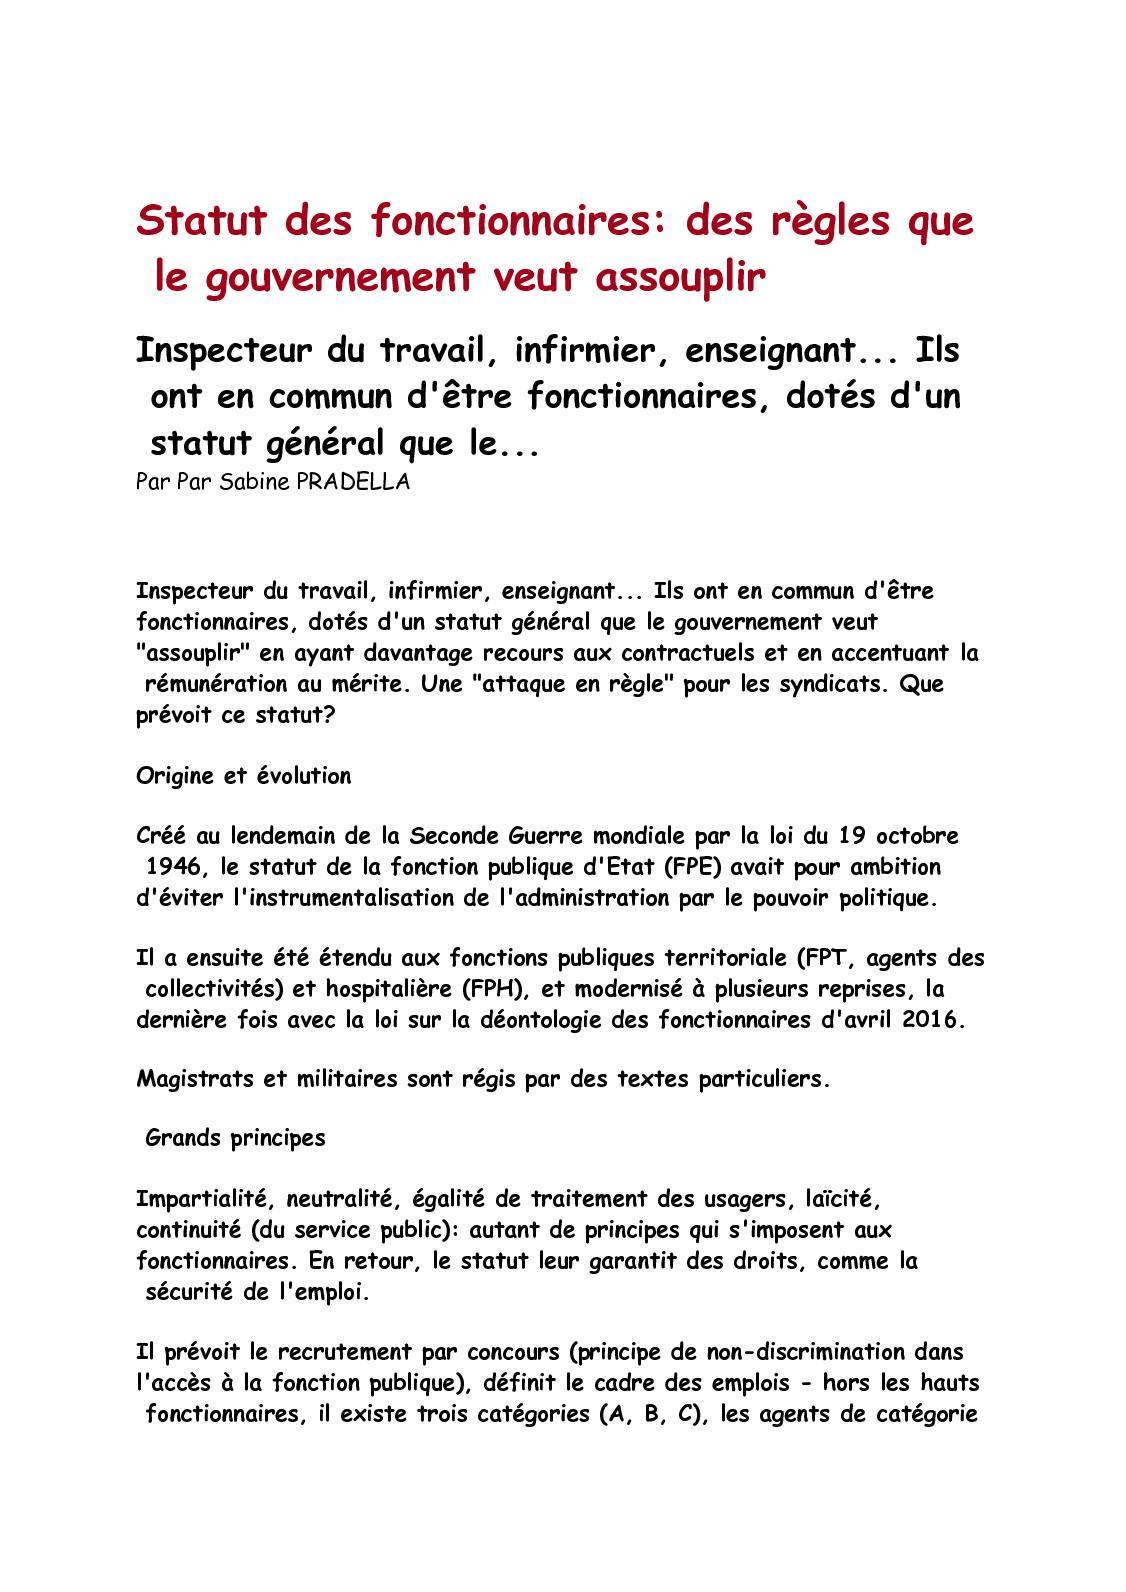 a753987c237 Calaméo - Statut Des Fonctionnaires Des Règles Que Le Gouvernement Veut  Assouplir